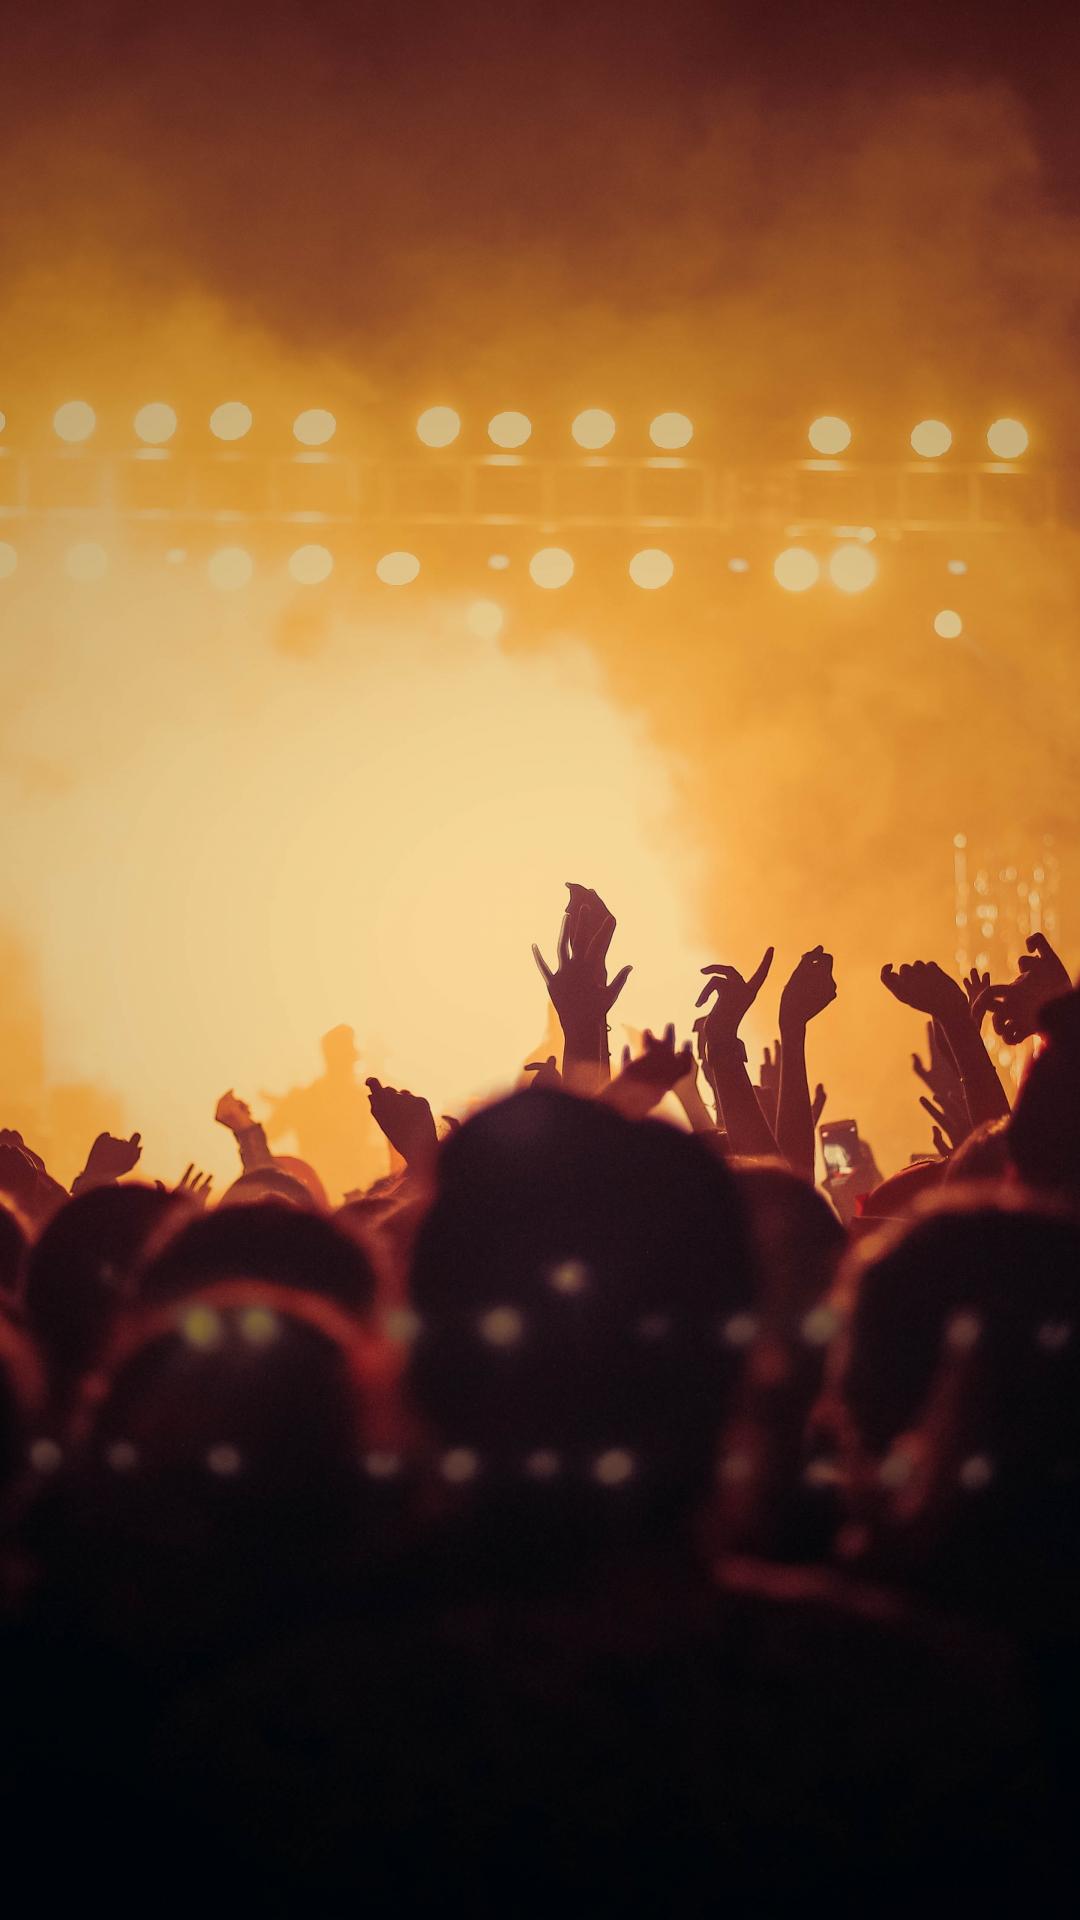 Concert, hands up, joy, dark, party, 1080x1920 wallpaper